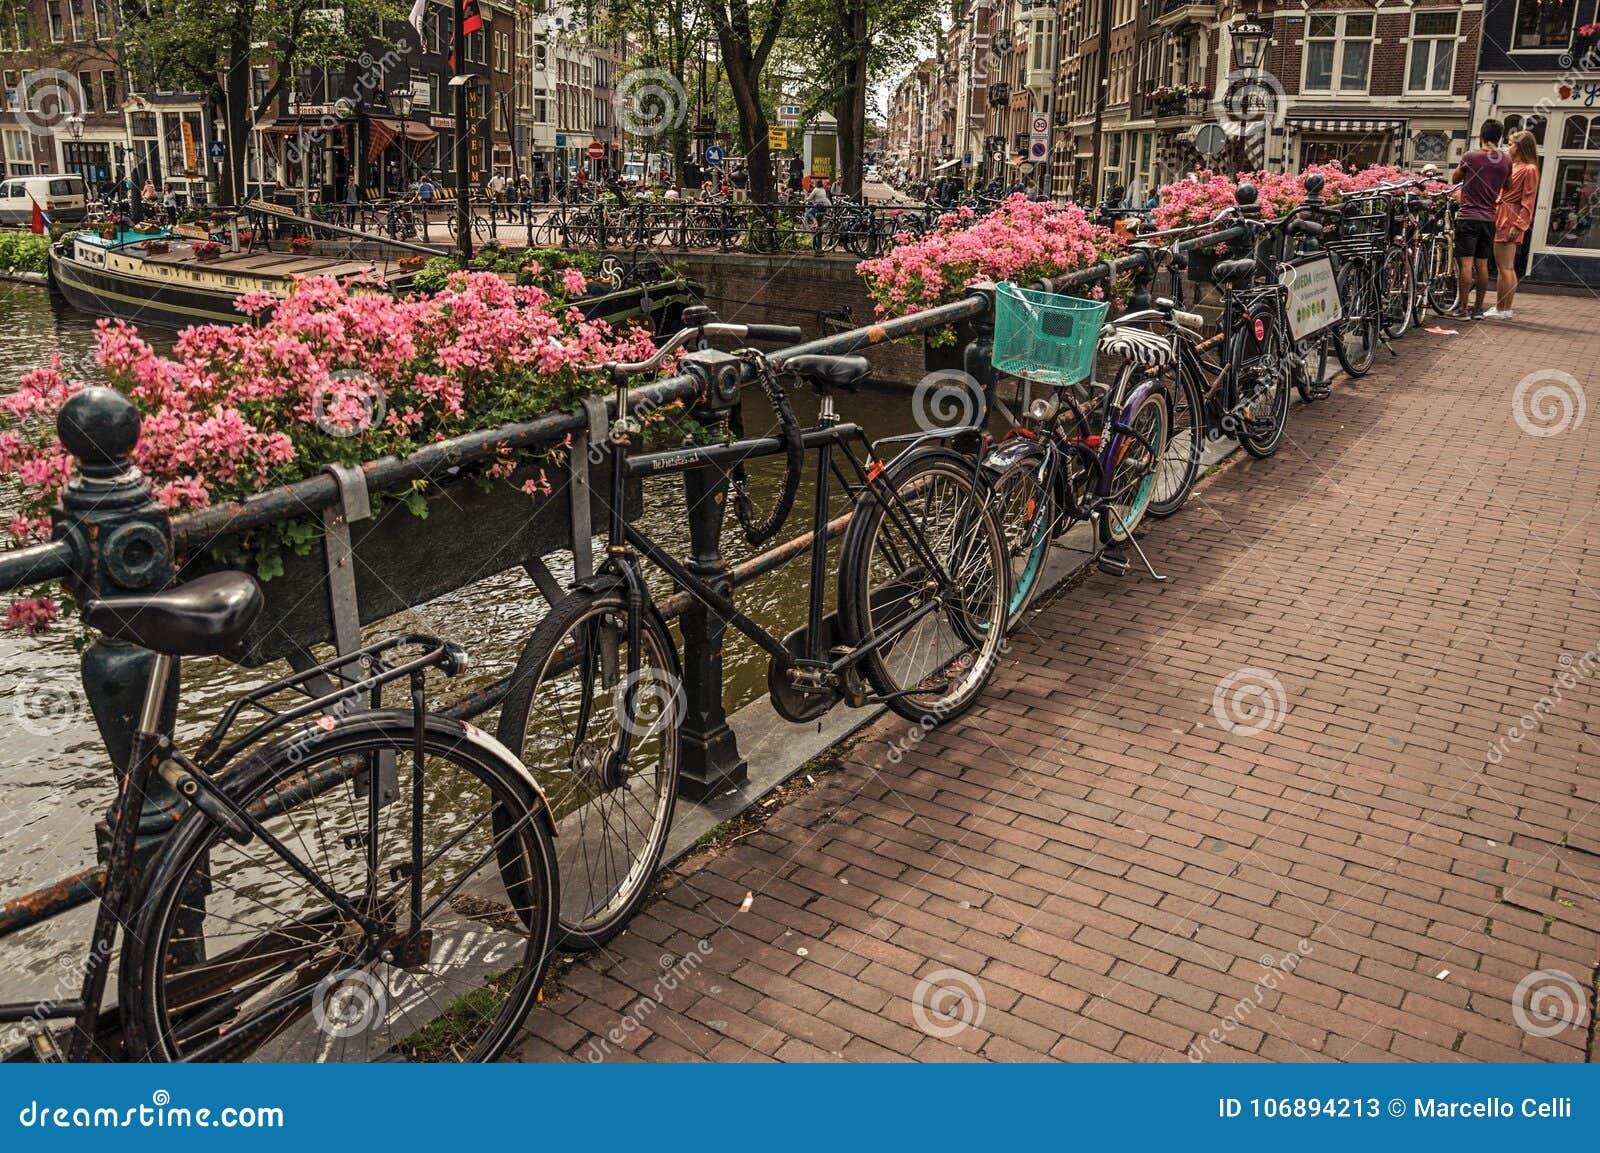 Мост над каналом с цветками, велосипедами, старыми зданиями и людьми в Амстердаме